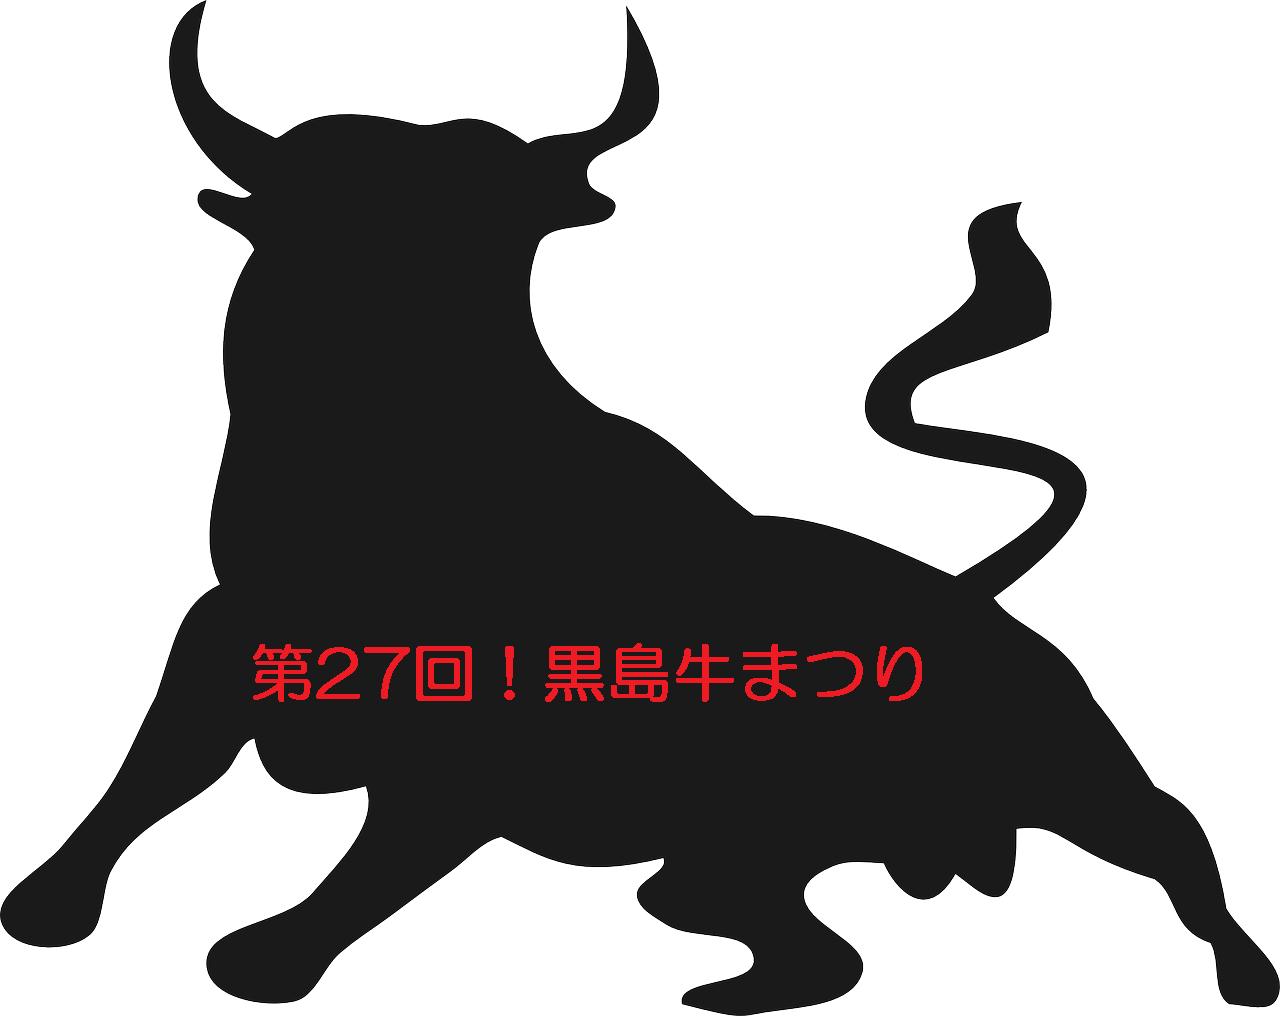 第27回!黒島牛まつり